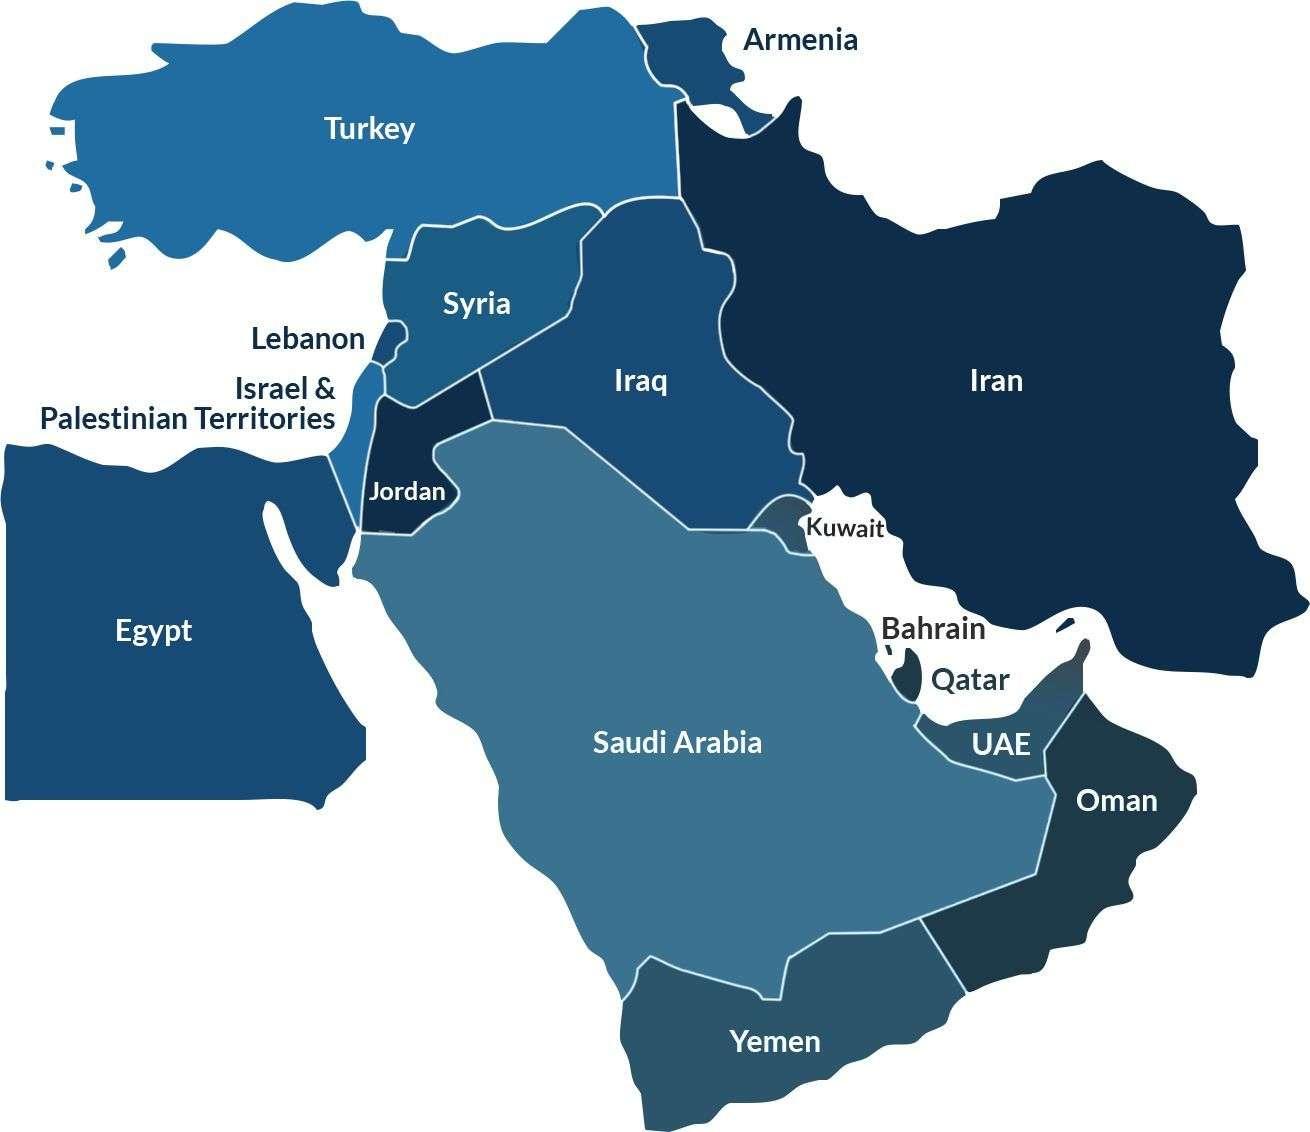 MIDDLE-EAST: जानिए इजराइल और अरब देशों के बीच रिश्तों का सच